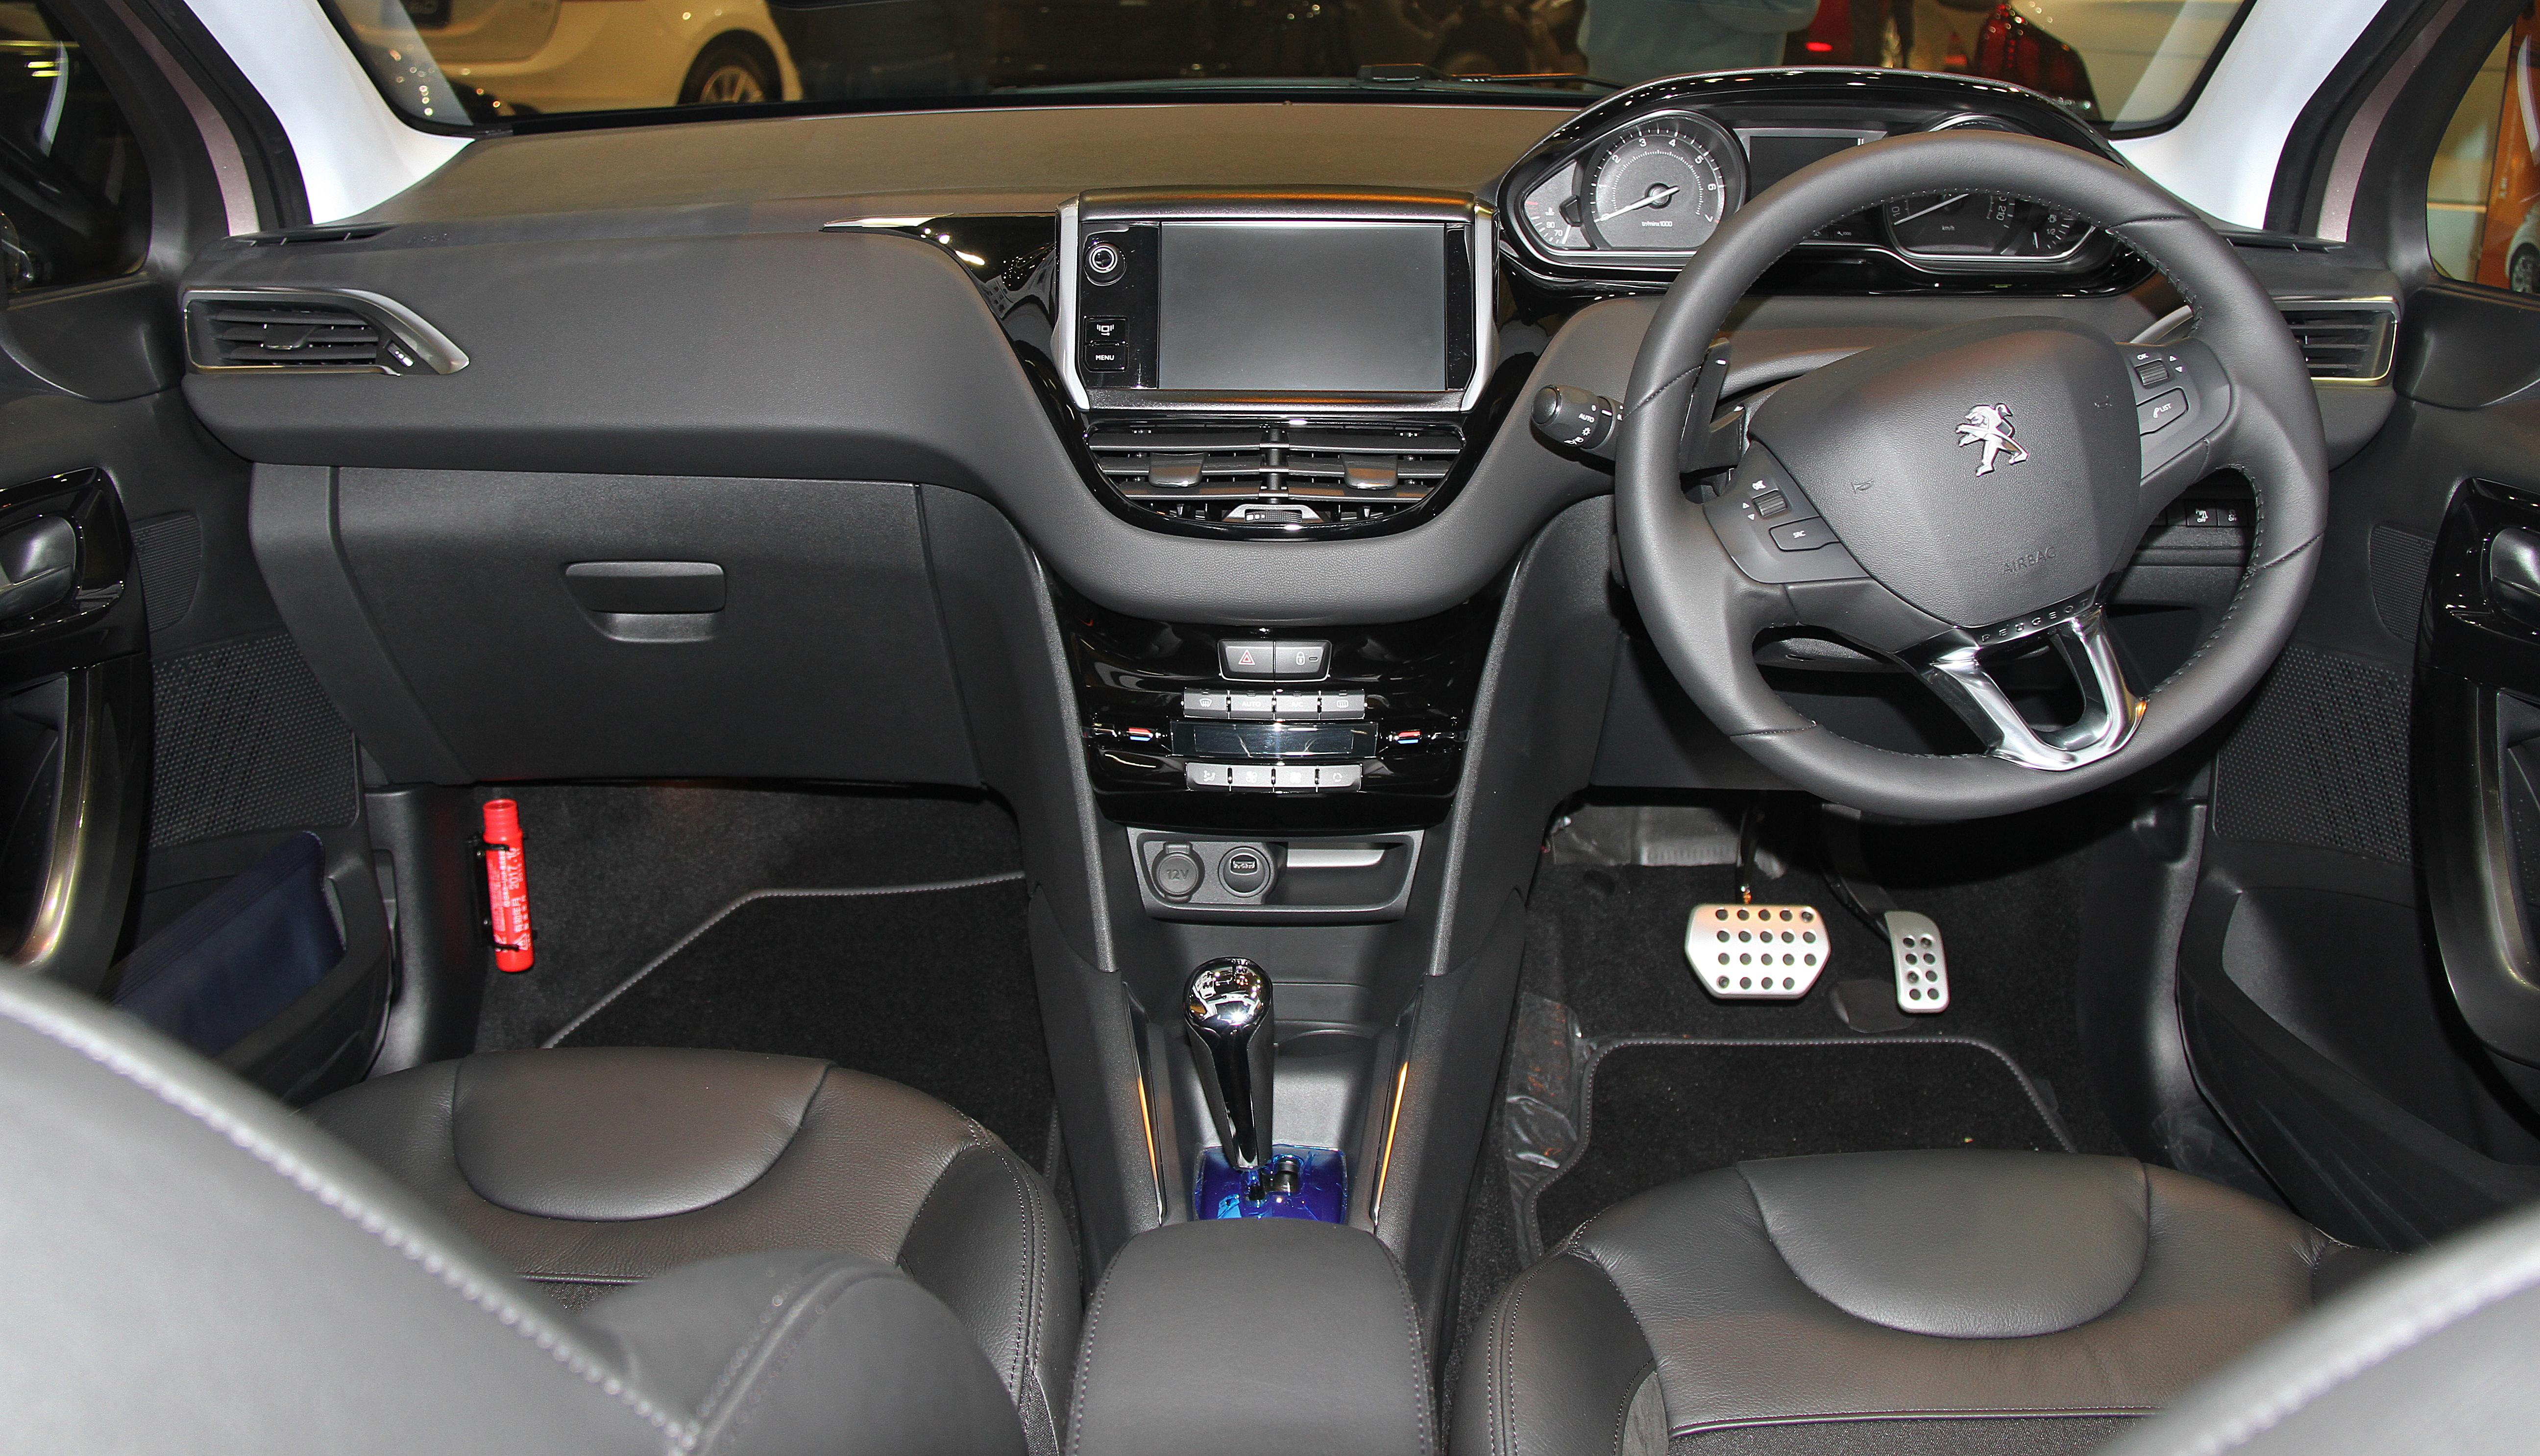 100 peugeot car interior peugeot 3008 interior for Peugeot 208 interior 2017